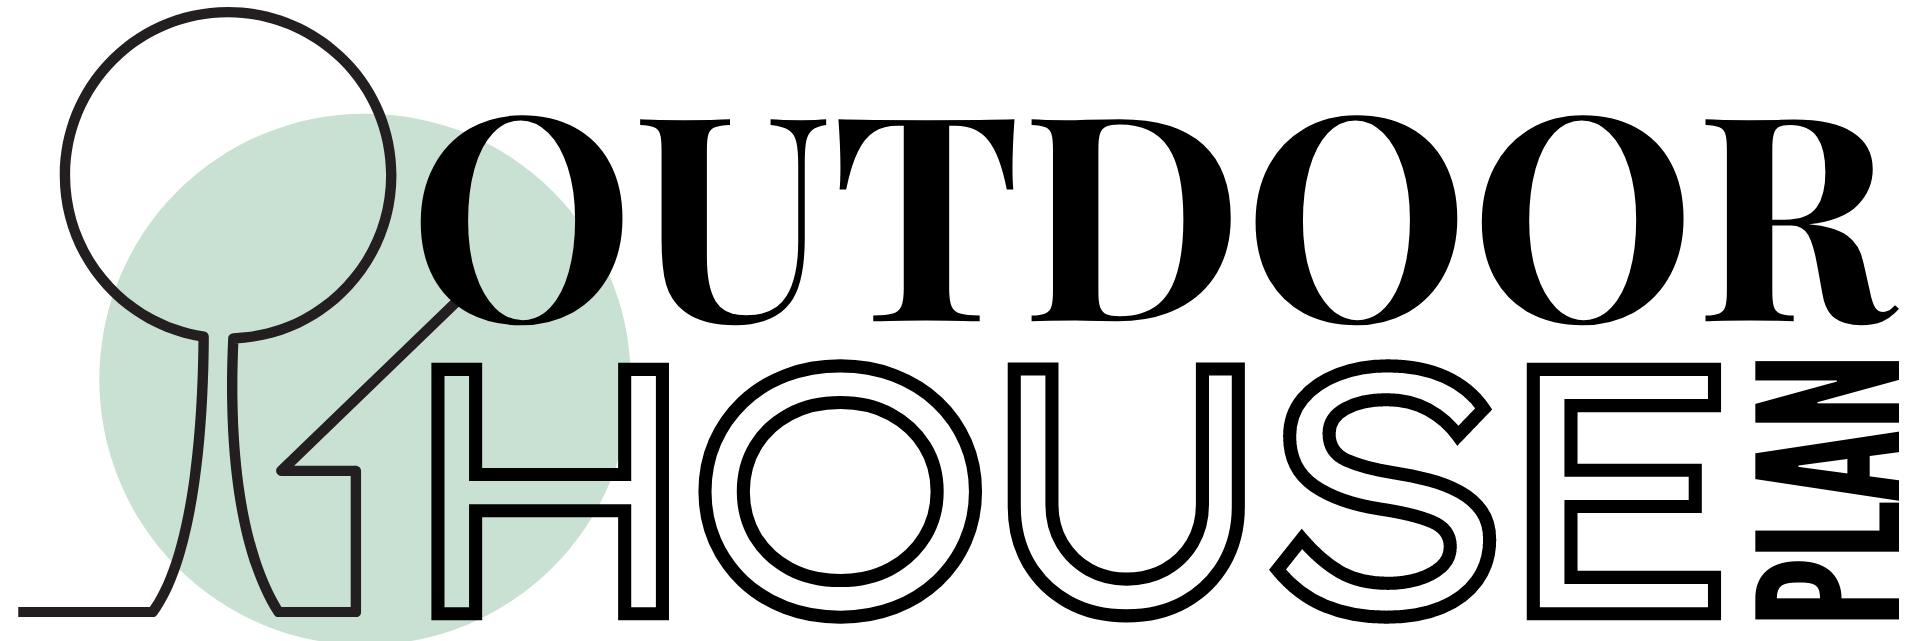 Ourdoor House Plan